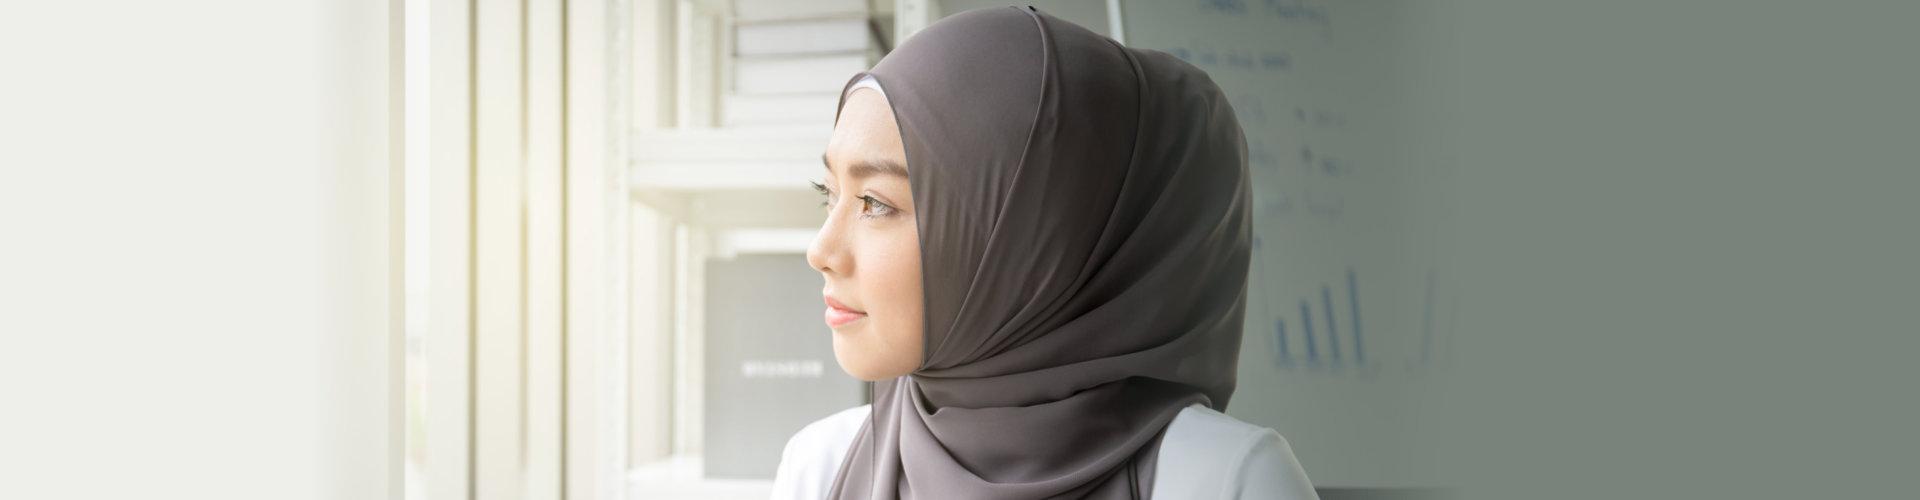 beautiful muslim